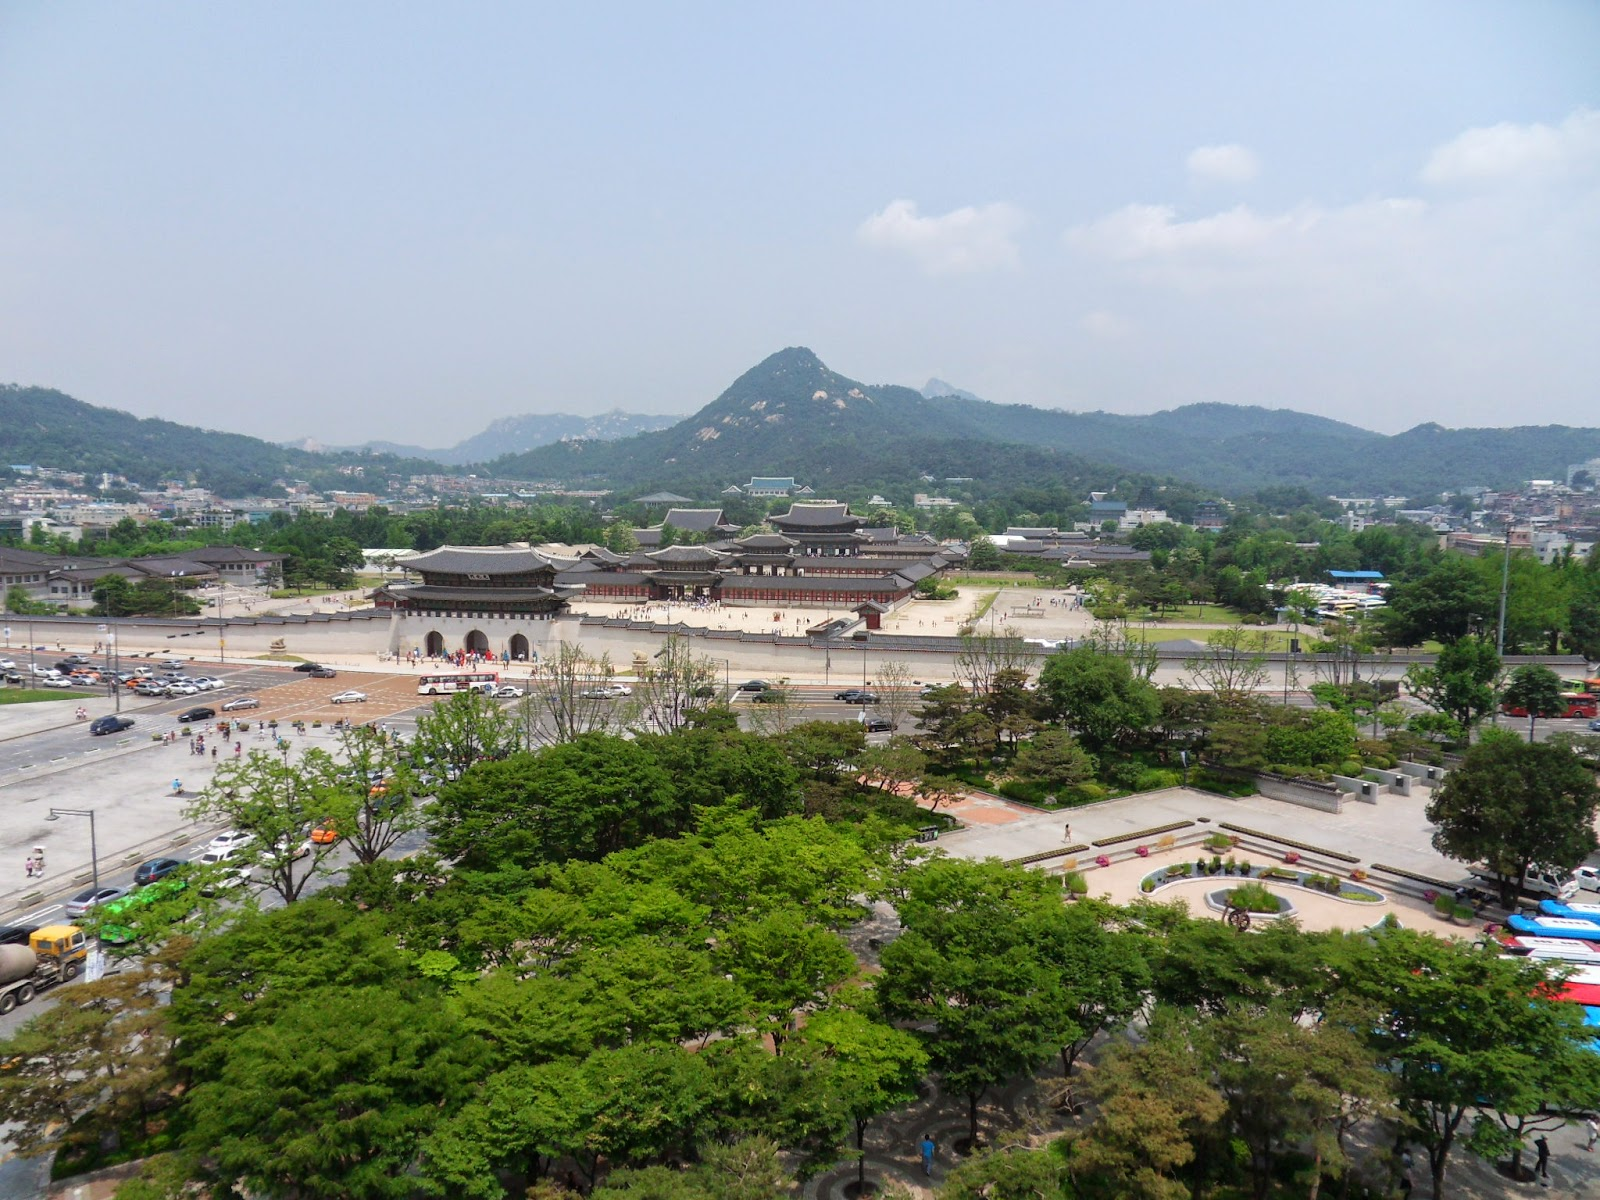 대한민국 역사박물관을 관람하다  Bittersweet Story